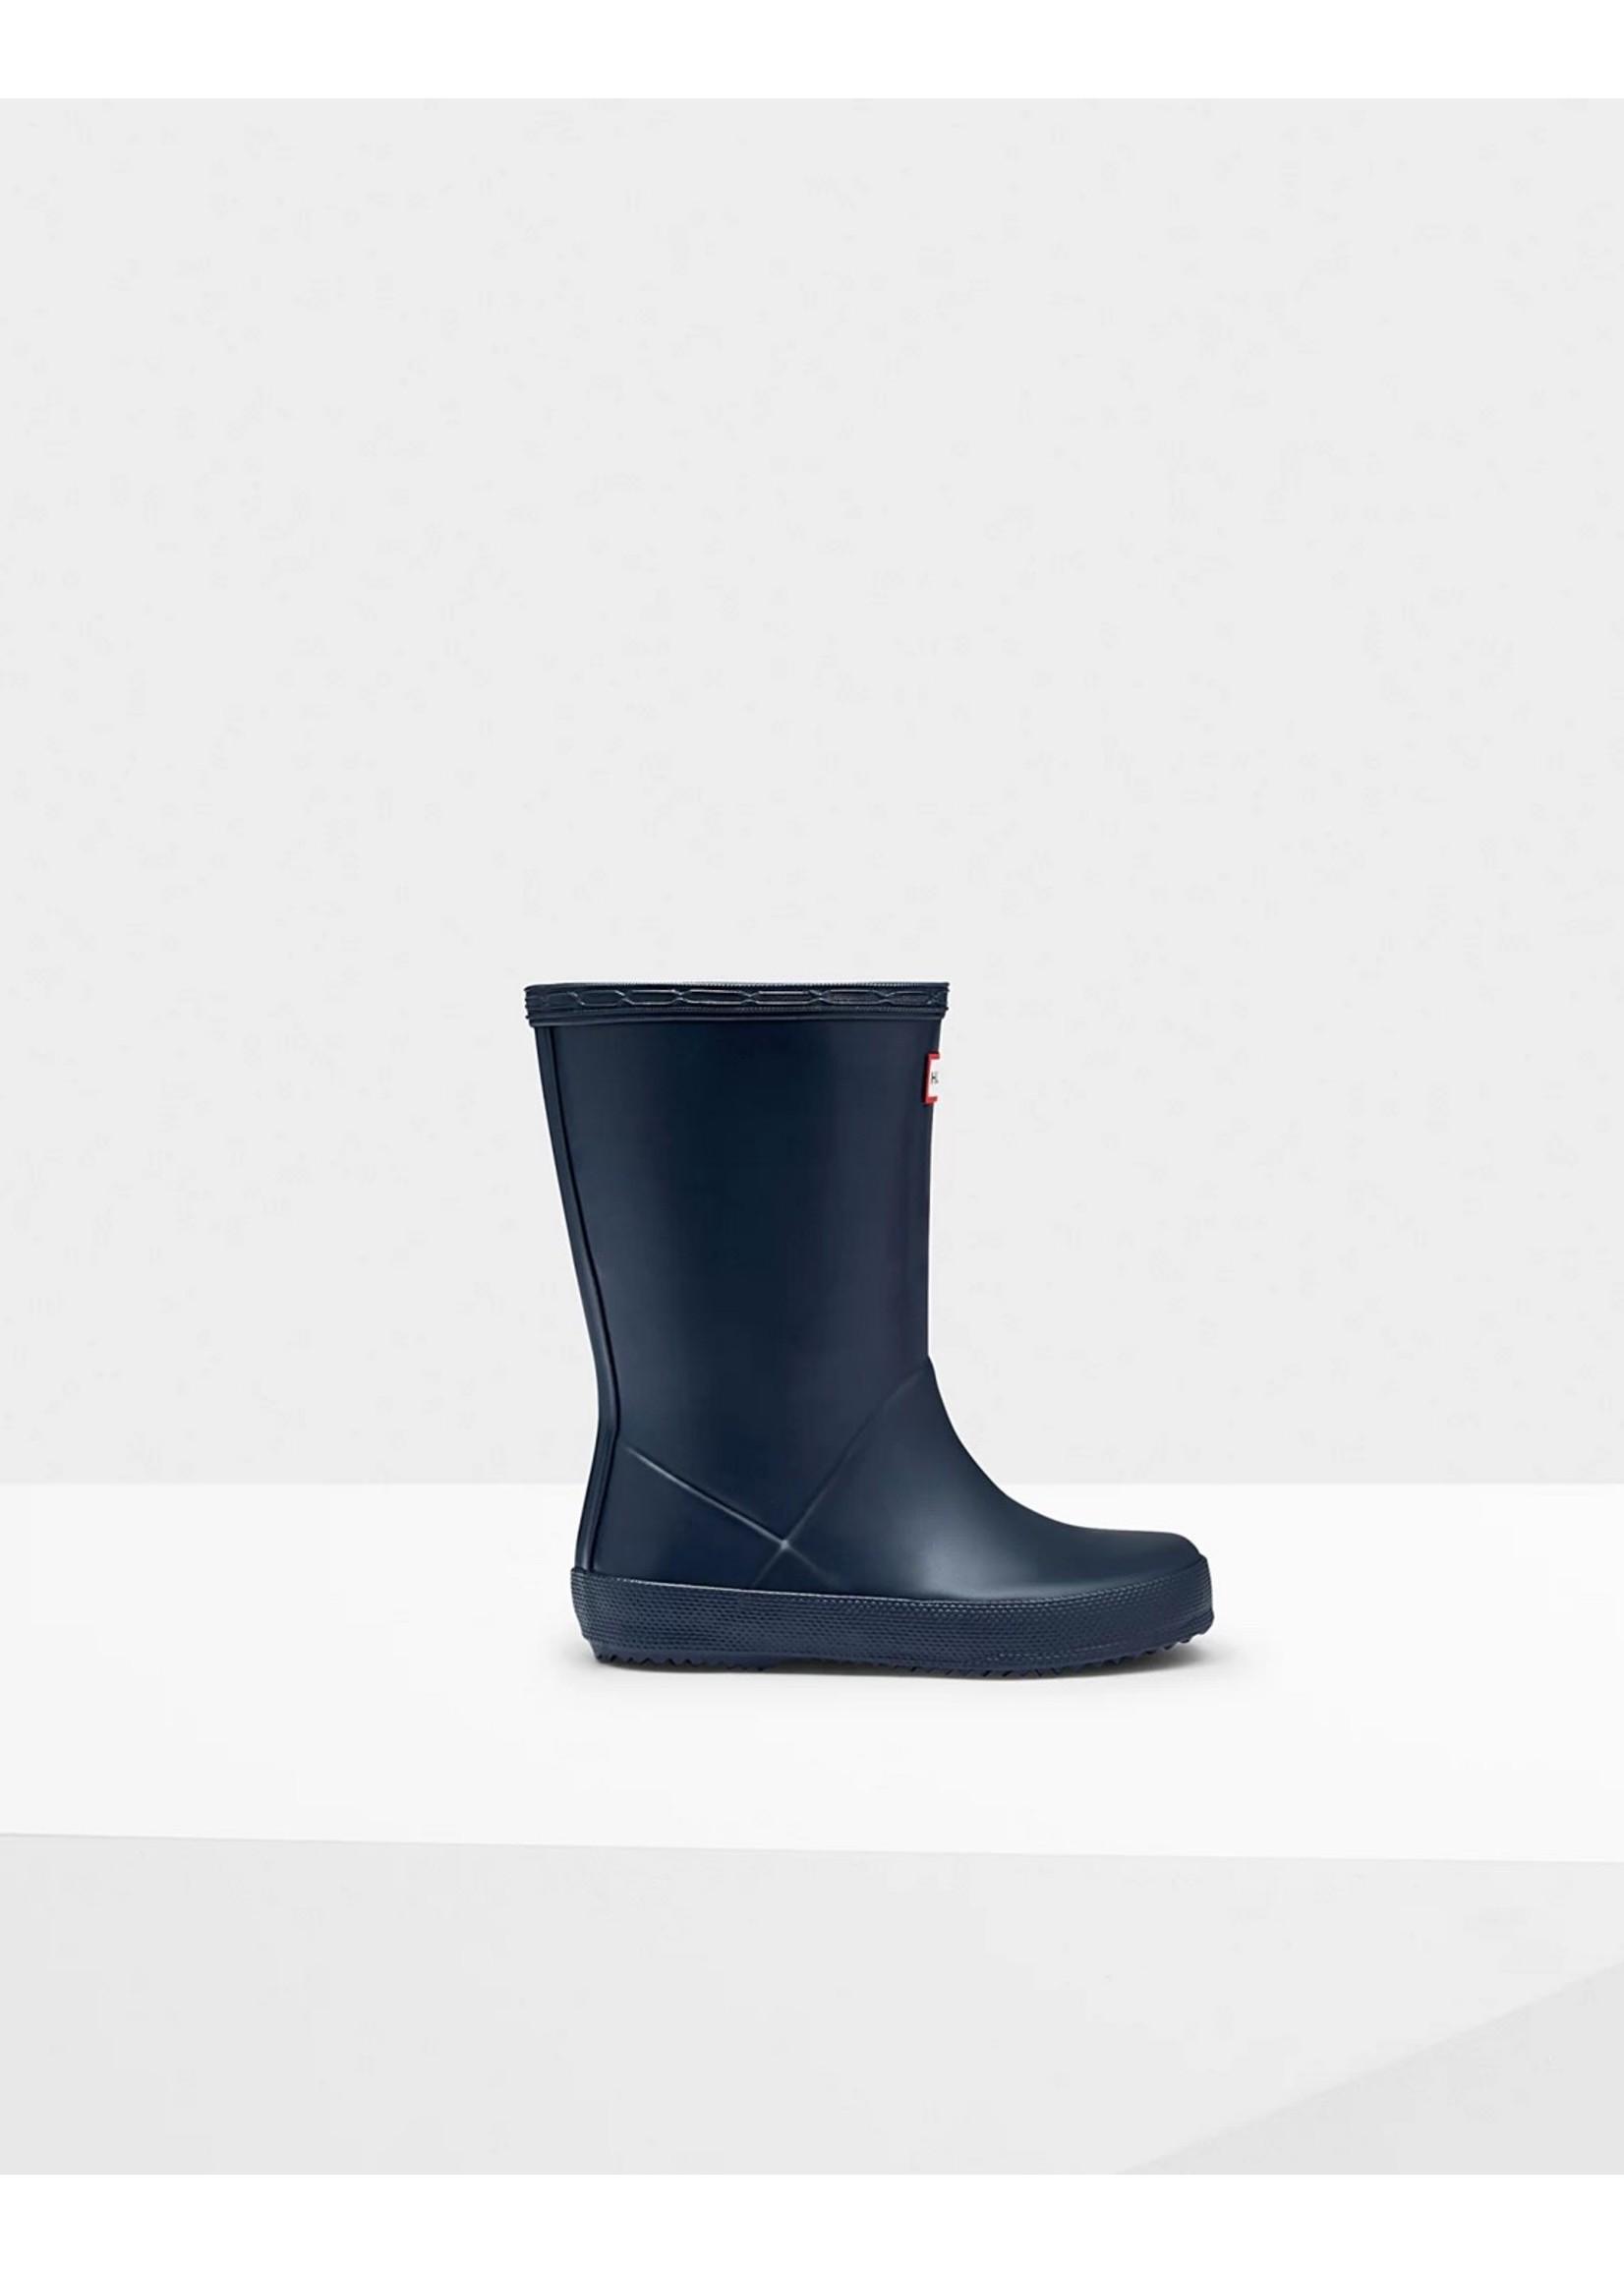 Hunter Boots Hunter Boots, Original Kids First Classic Rain Boots: Navy